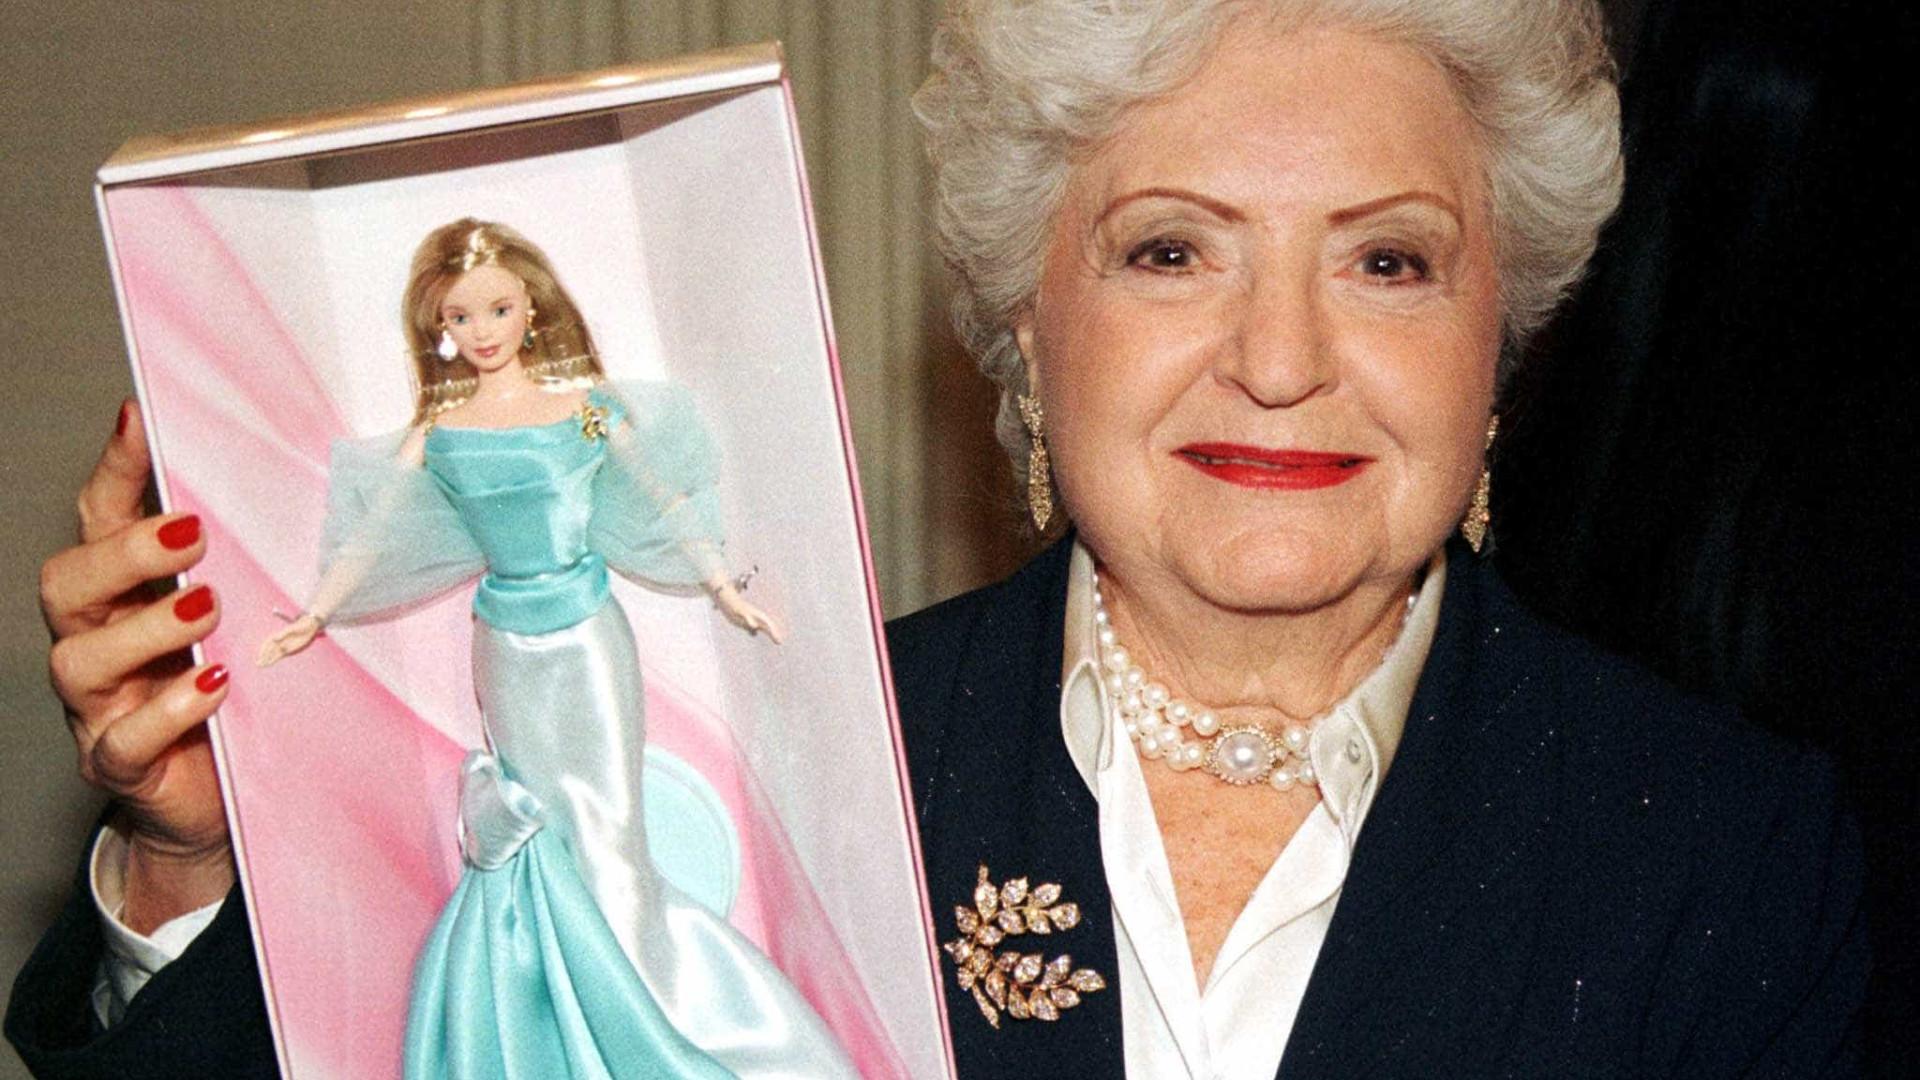 Criadora da Barbie, Ruth Handler completaria 100 anos